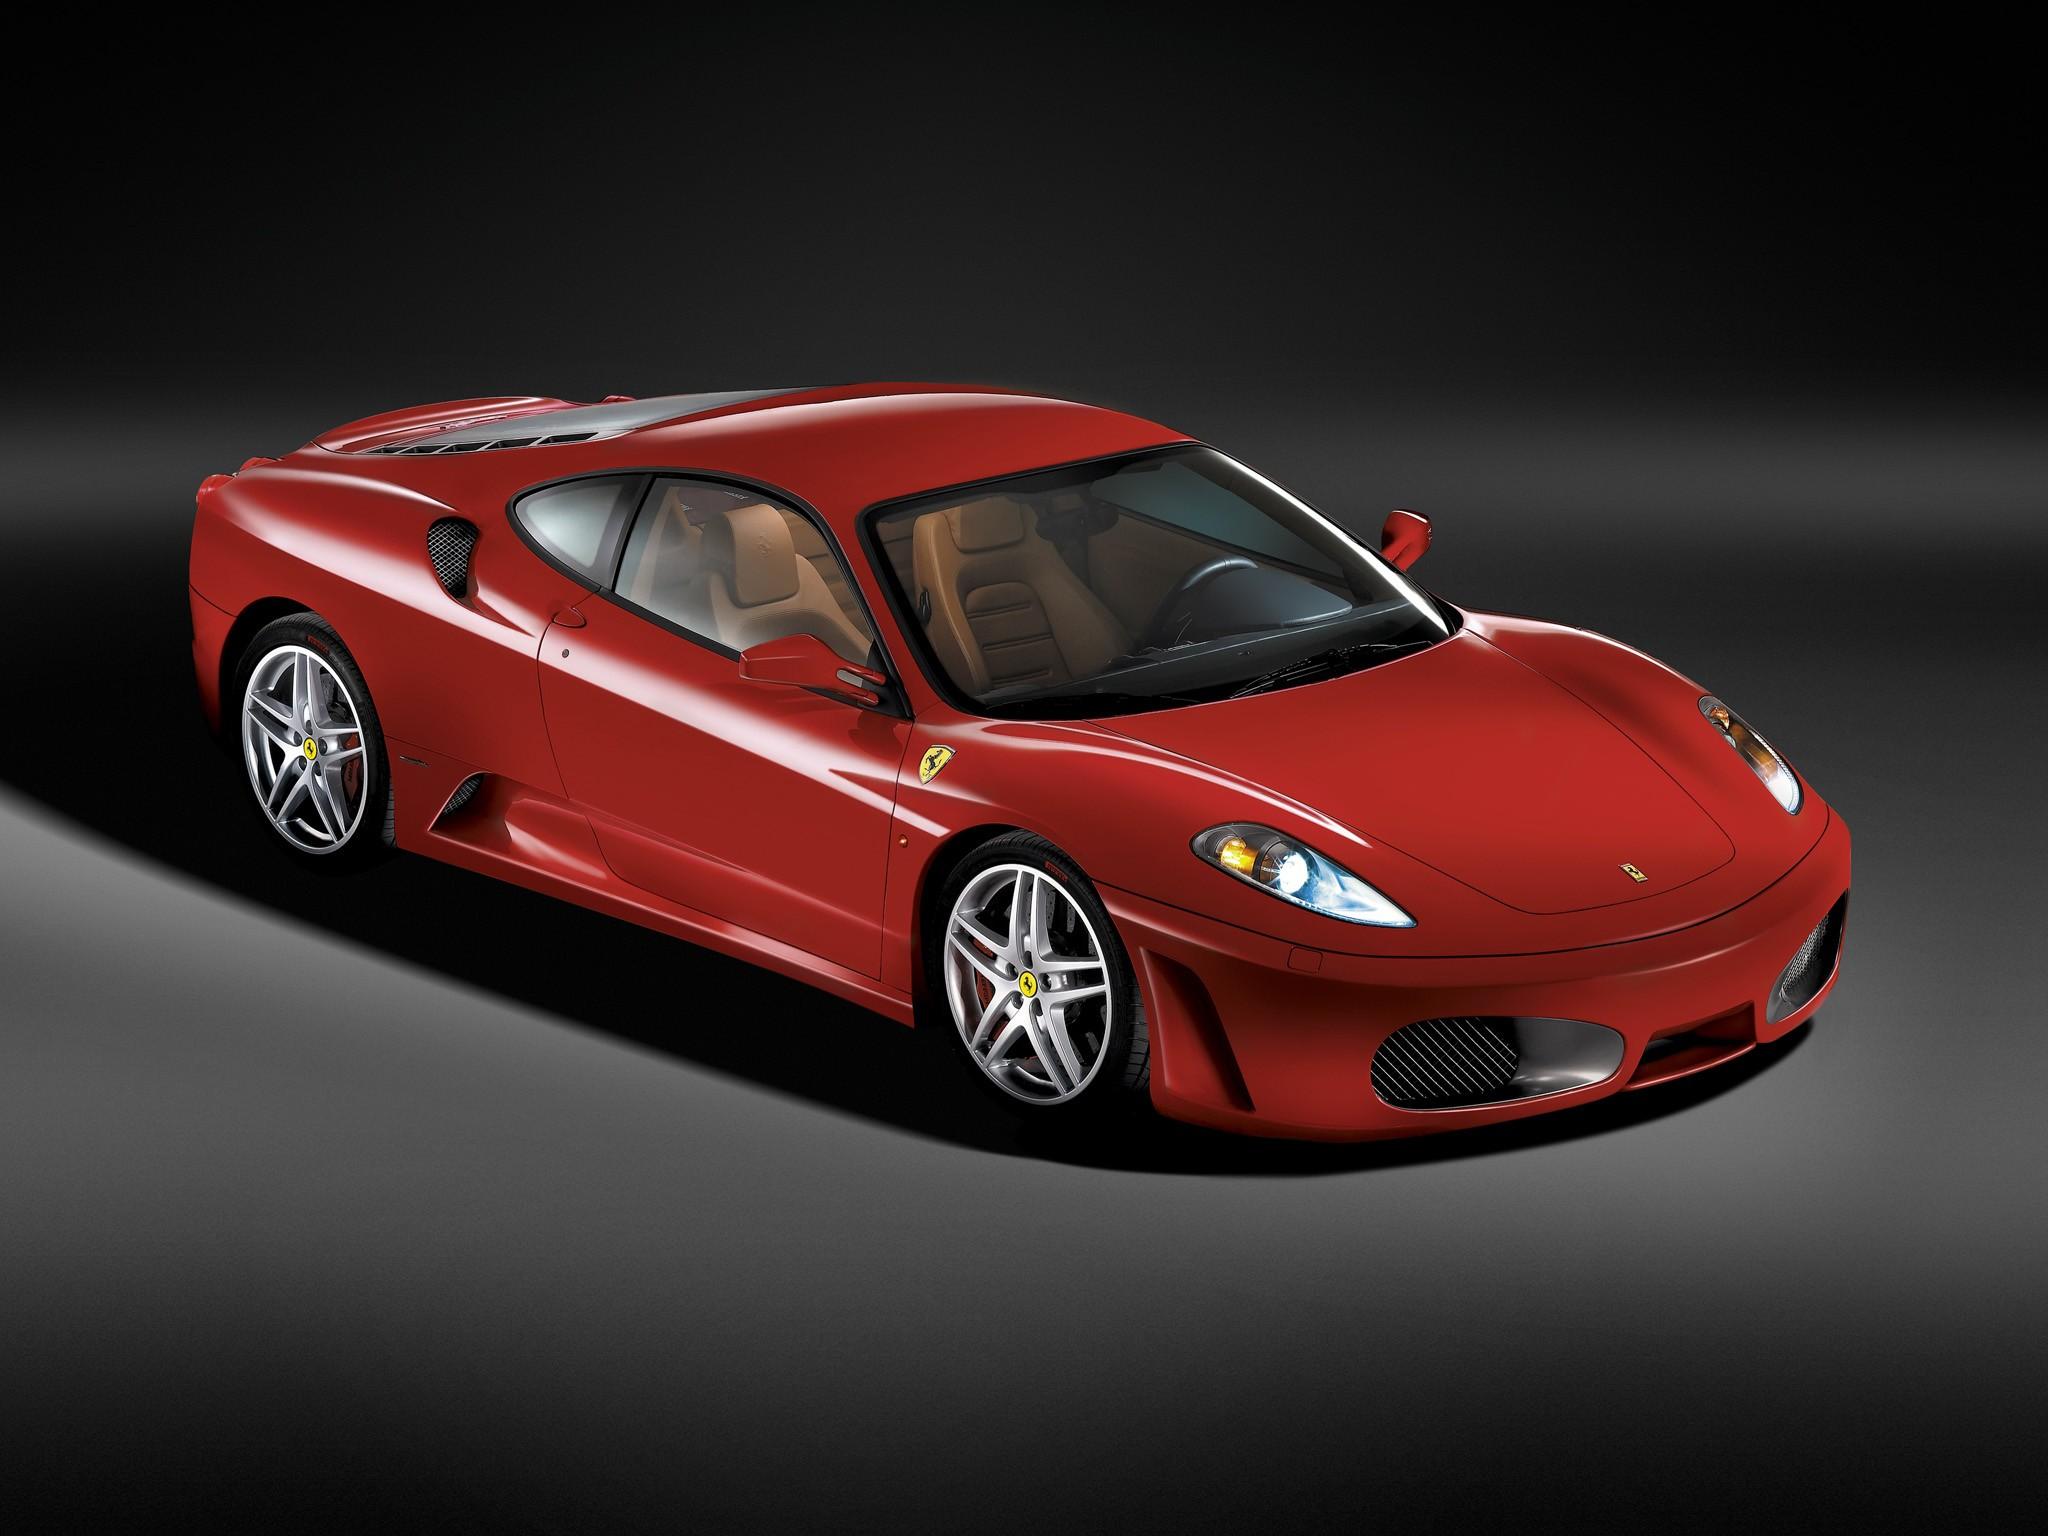 Ferrari F430 Spezifikationen Fotos 2004 2005 2006 2007 2008 2009 Autoevolution In Deutscher Sprache